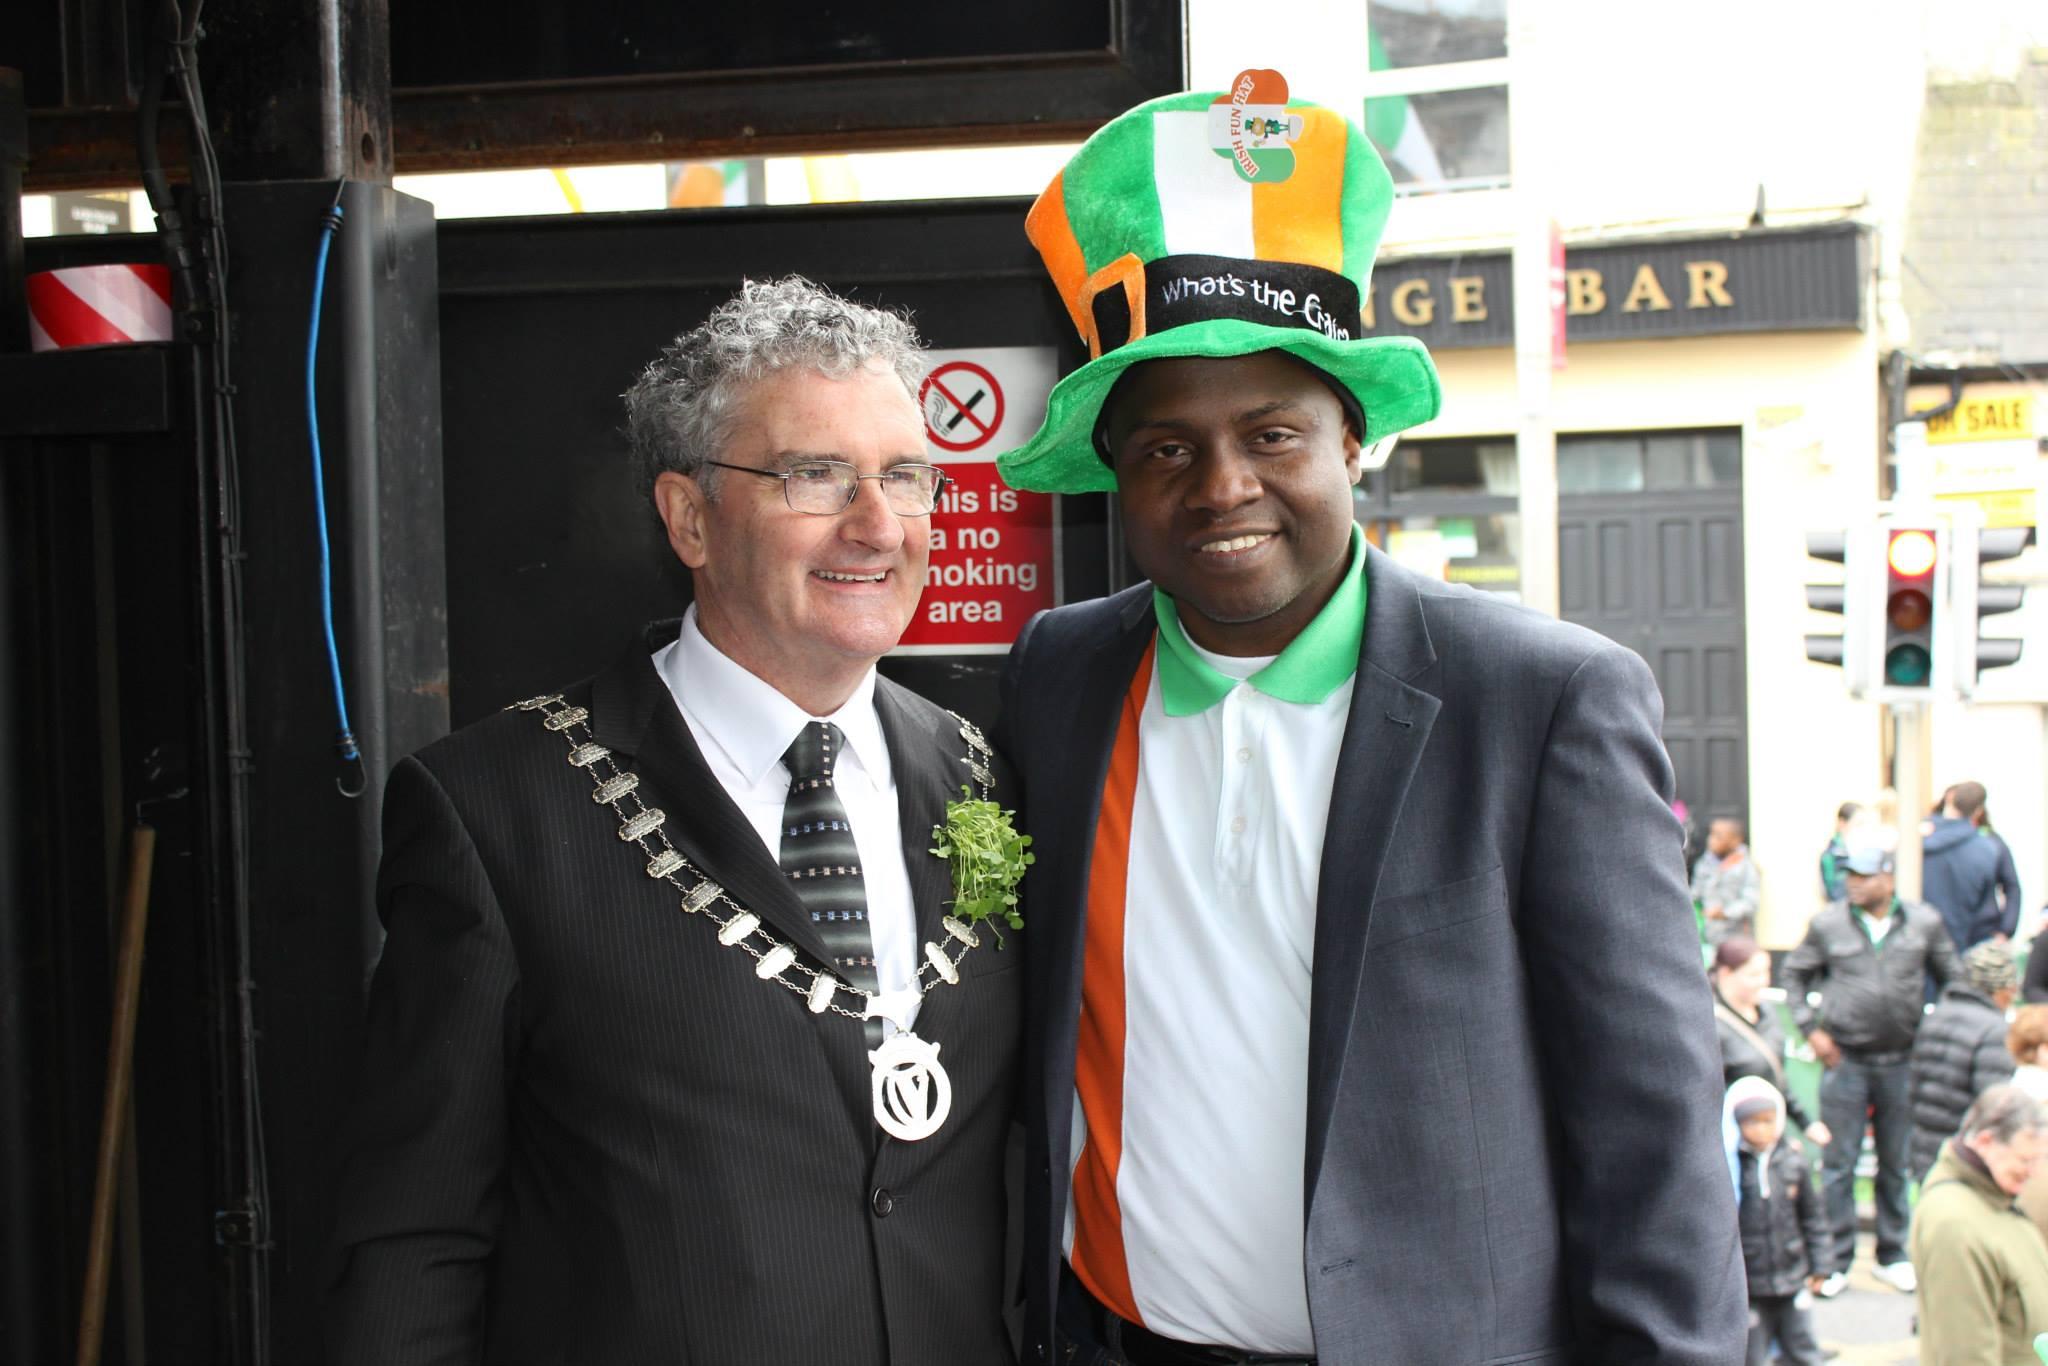 With the Mayor of Balbriggan